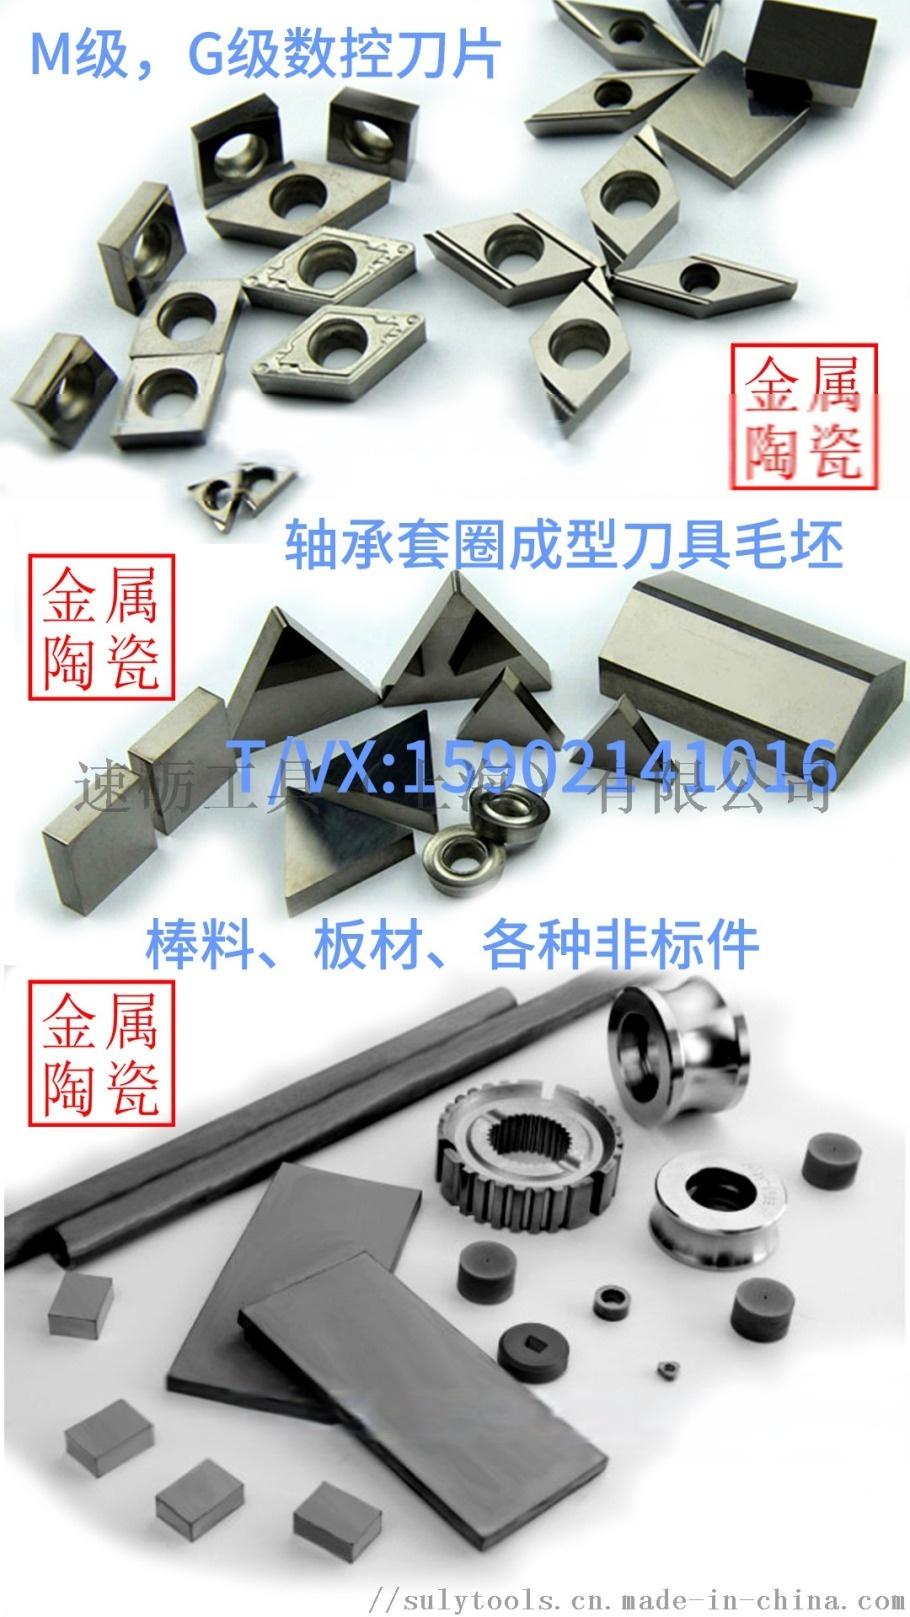 不鏽鋼管拉拔減壁模具新材料 耐磨性更好金屬陶瓷棒料57608242